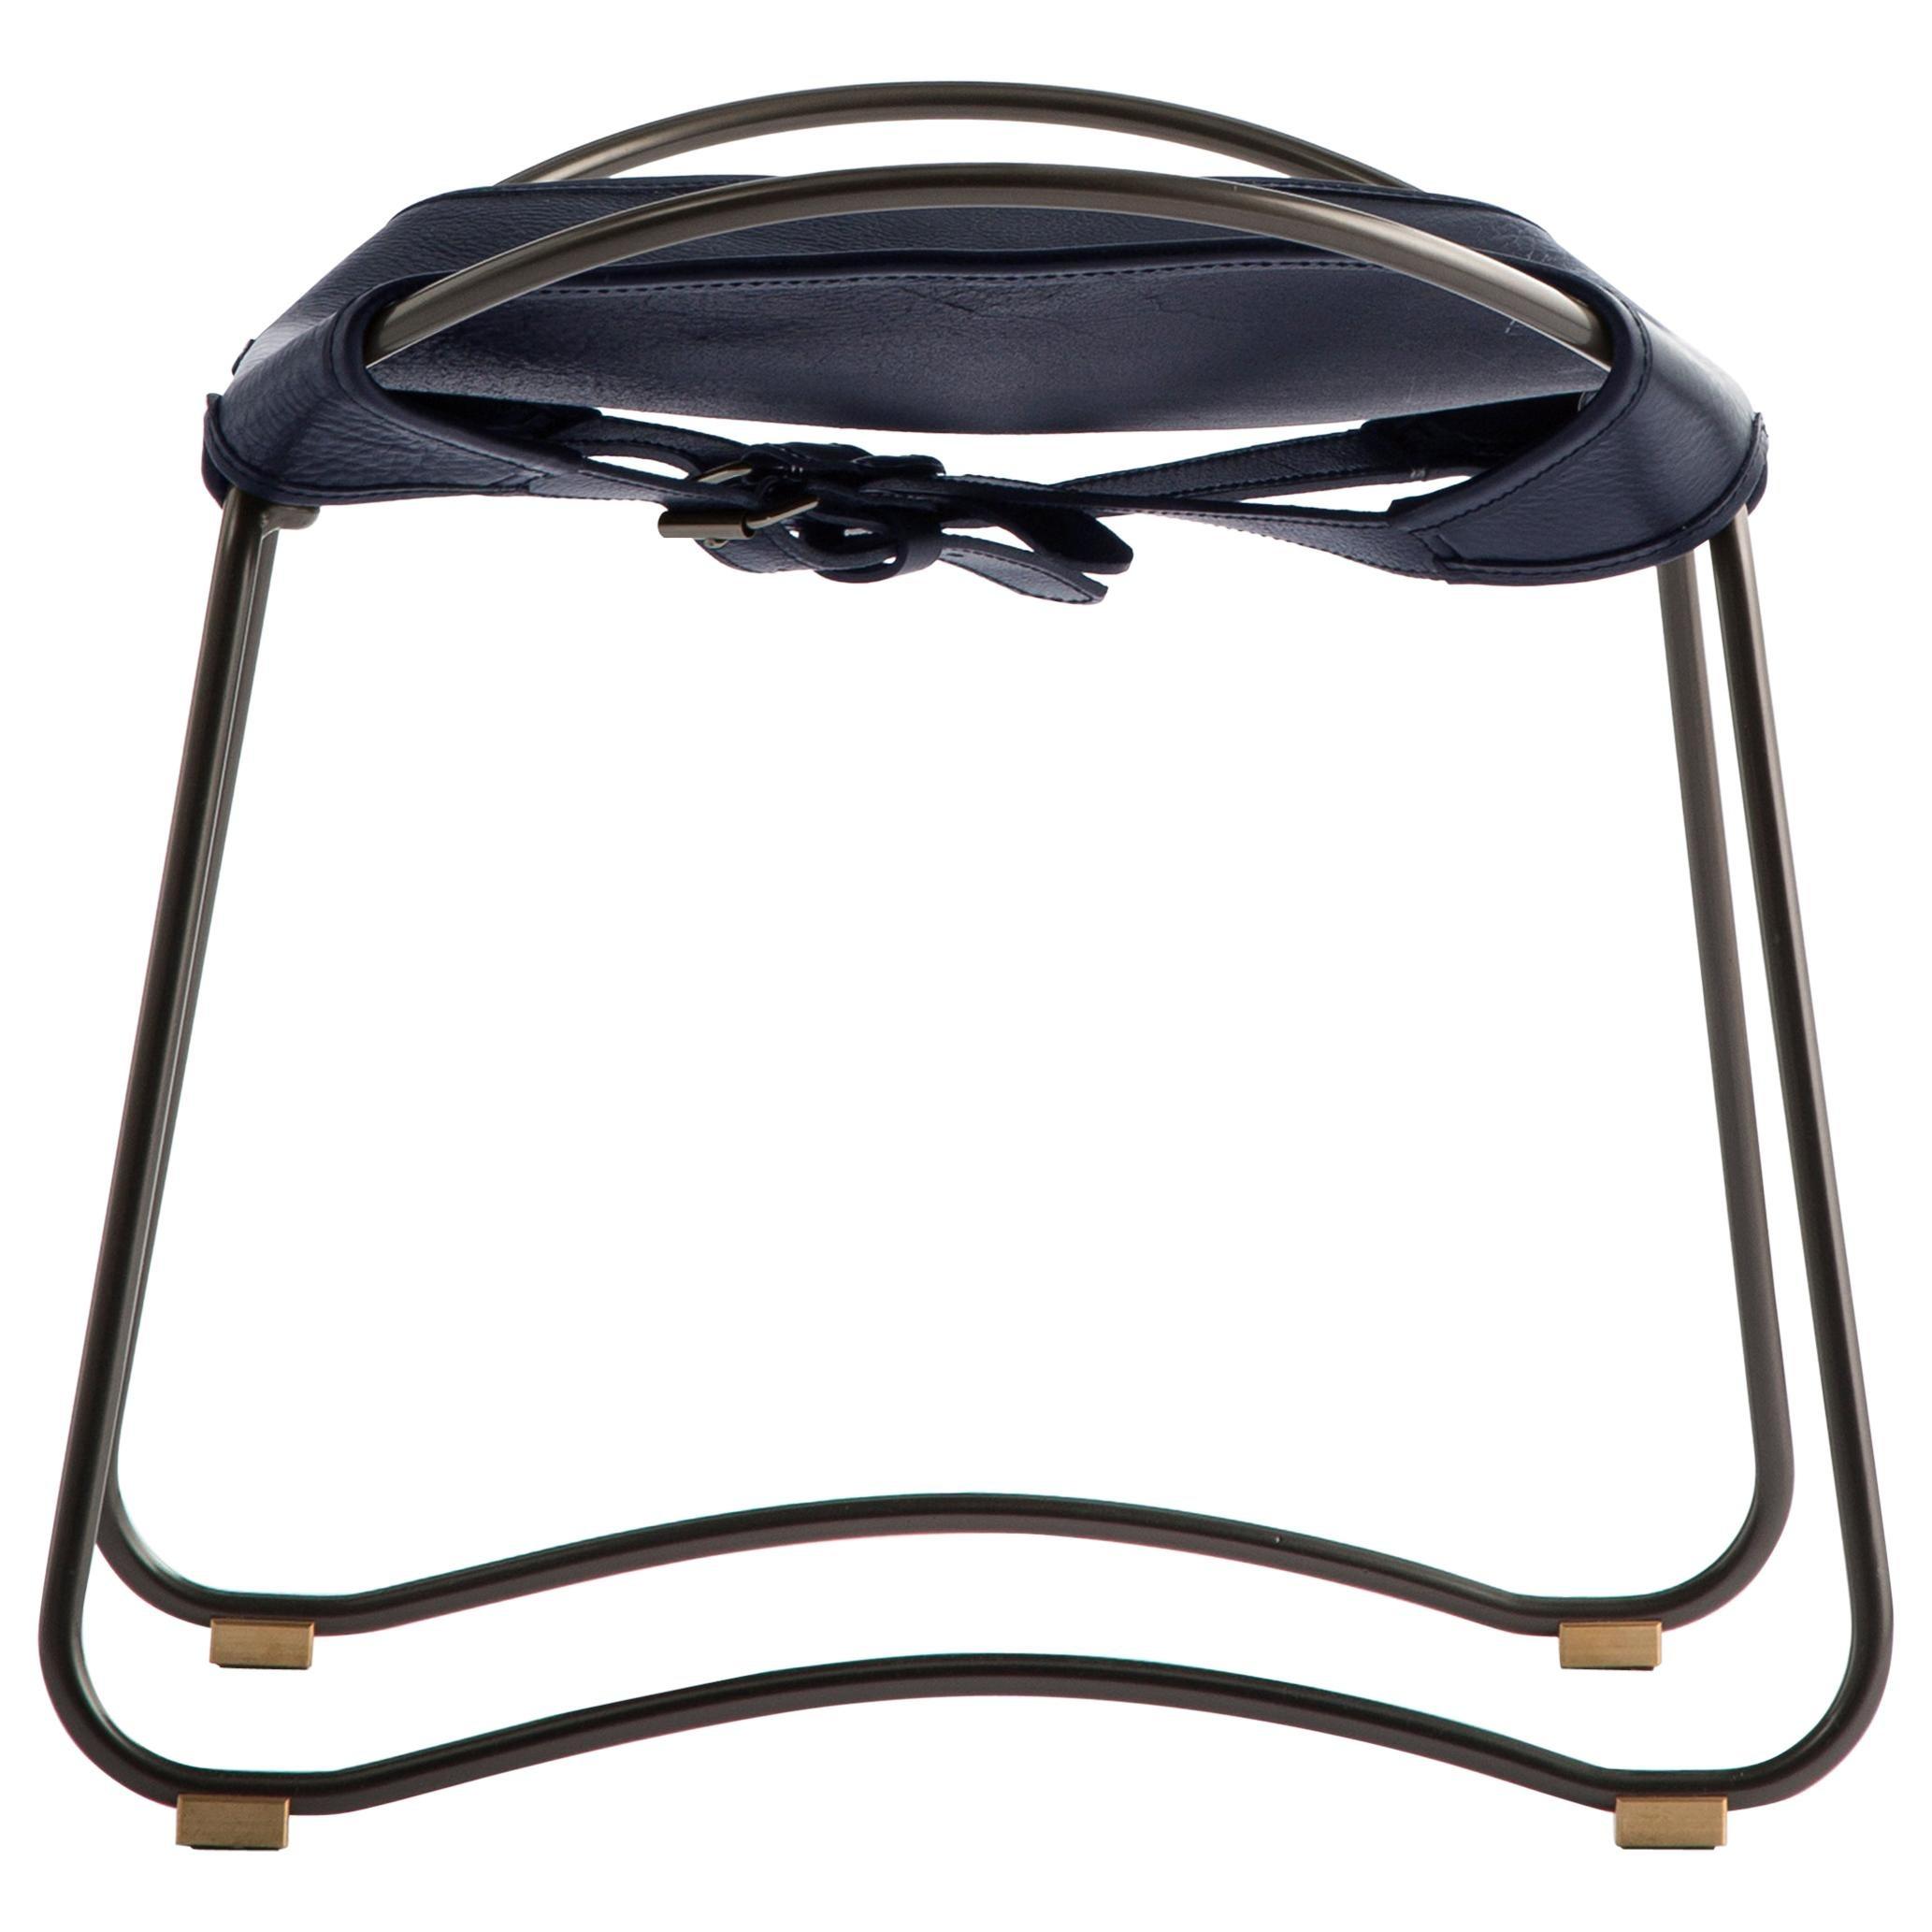 Footstool Black Steel and Navy Saddle Leather, Modern Style, HUG